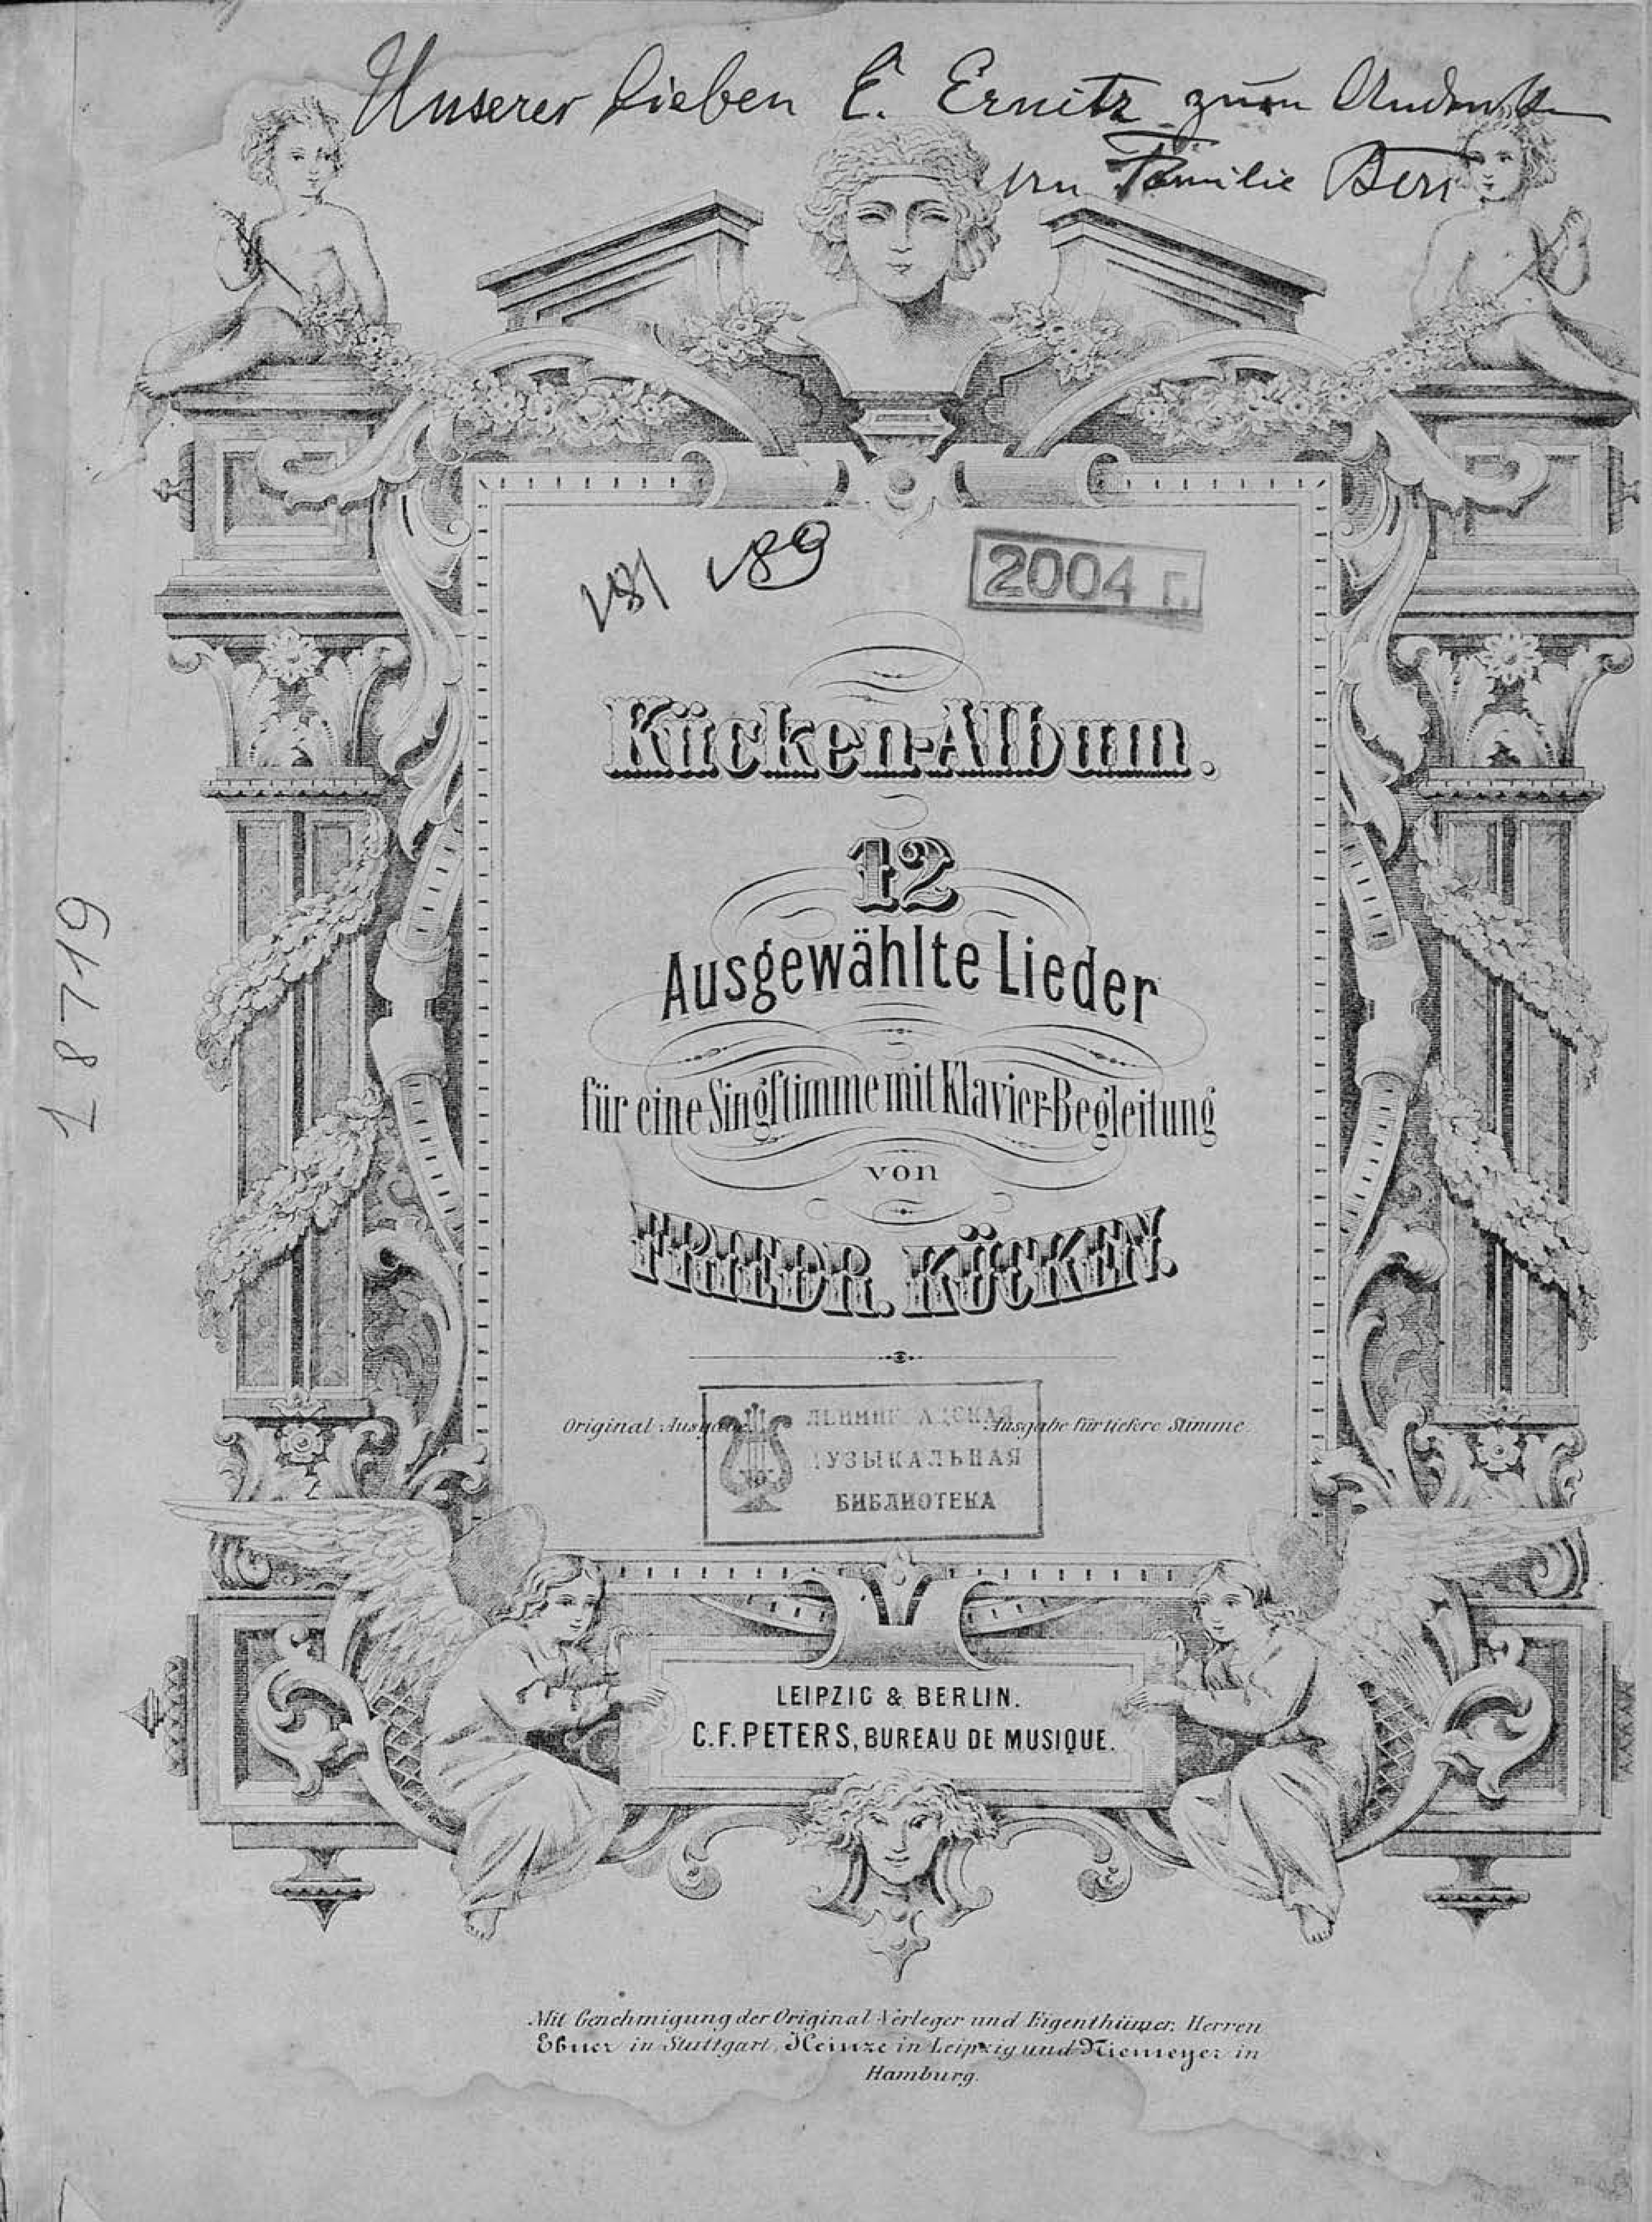 Фридрих Вильгельм Кюккен 12 Ausgewahlte Lieder fur eine Singstimme mit Klavier-Begleitung v. Friedr. Kucken c g neefe lieder mit klaviermelodien